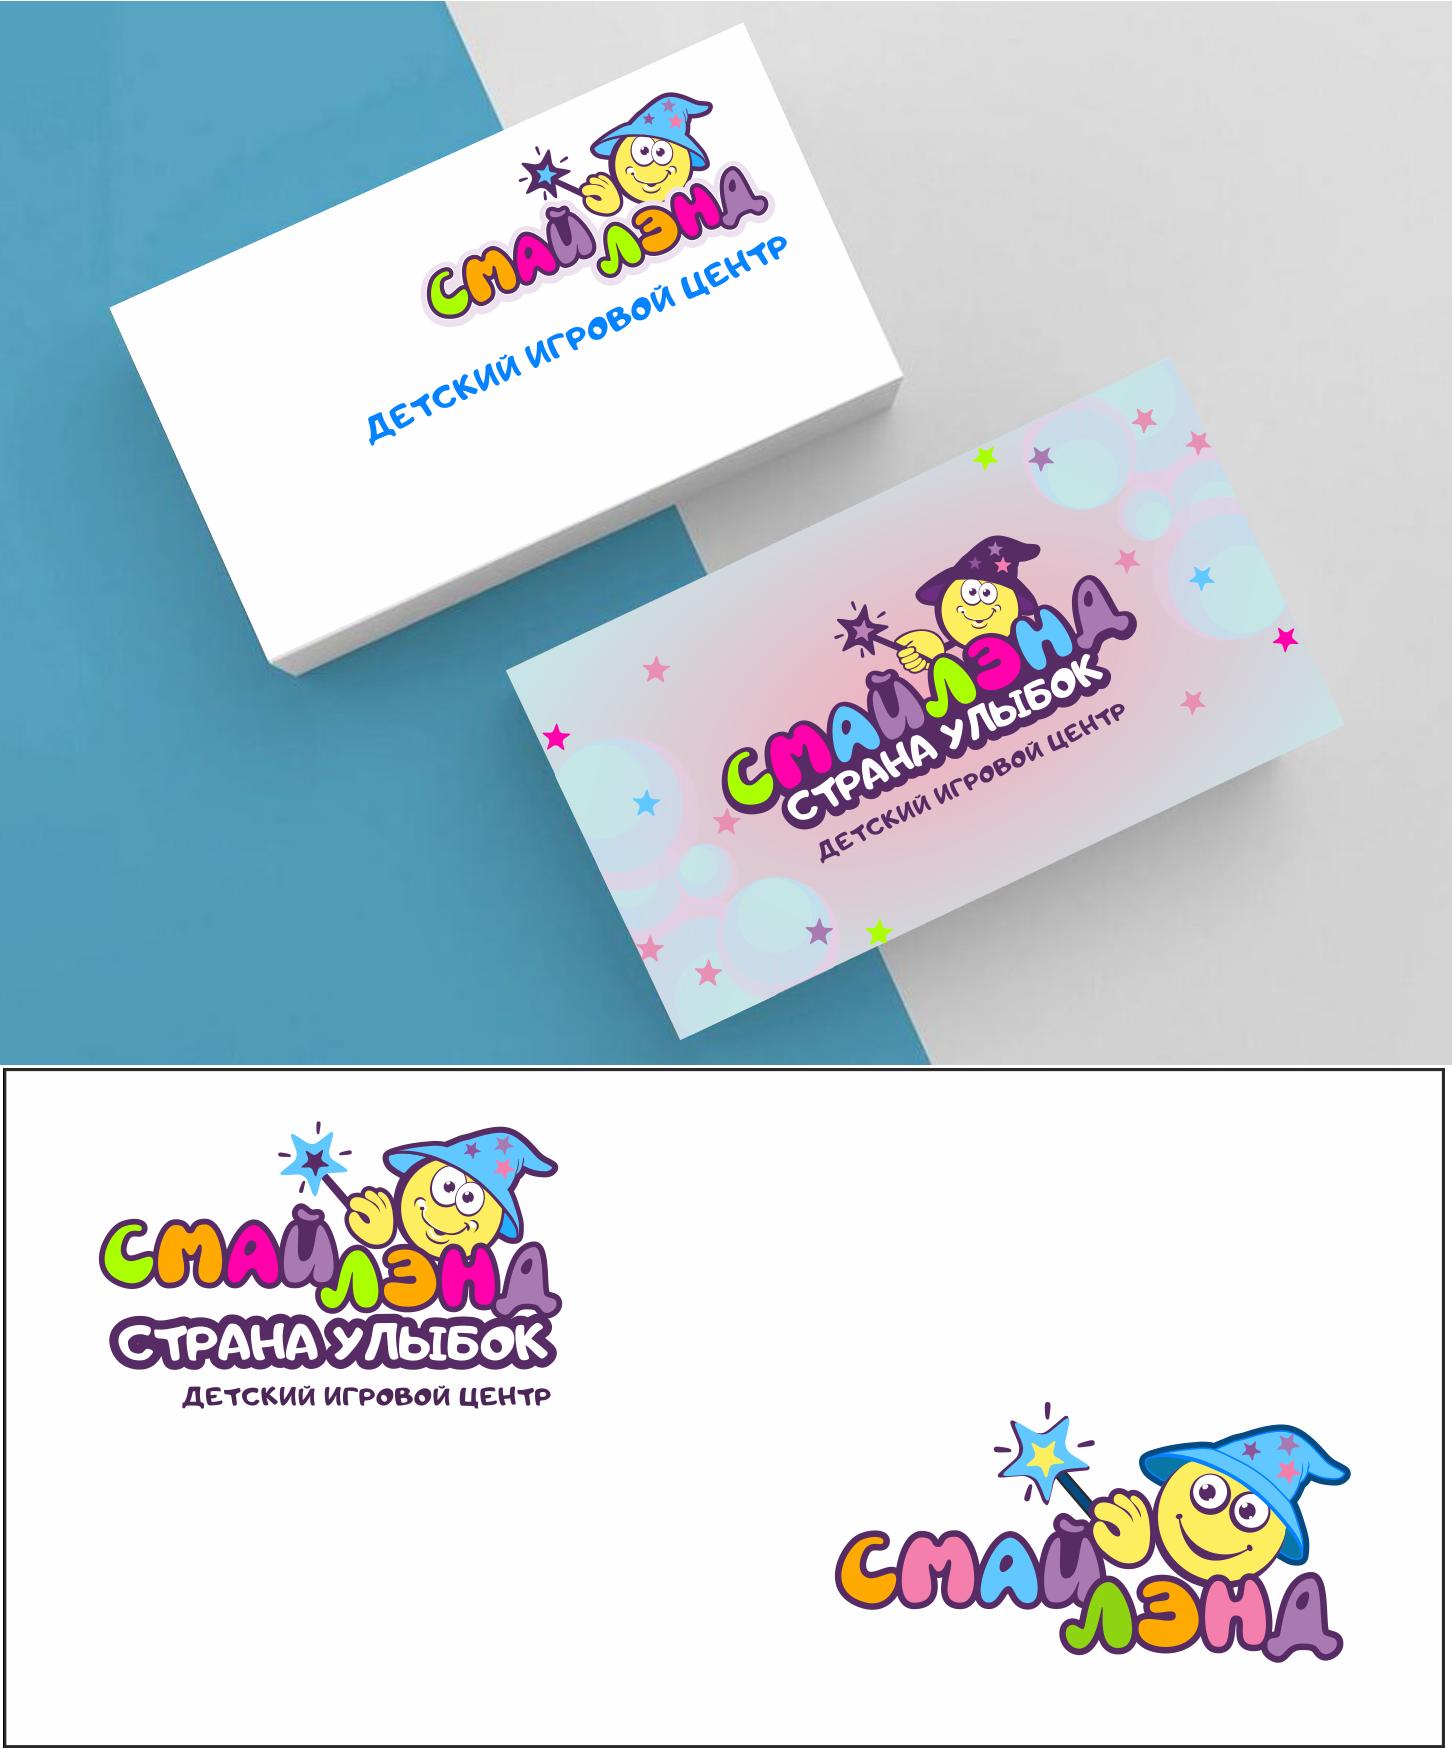 Логотип, стиль для детского игрового центра. фото f_2625a46e0441050b.png